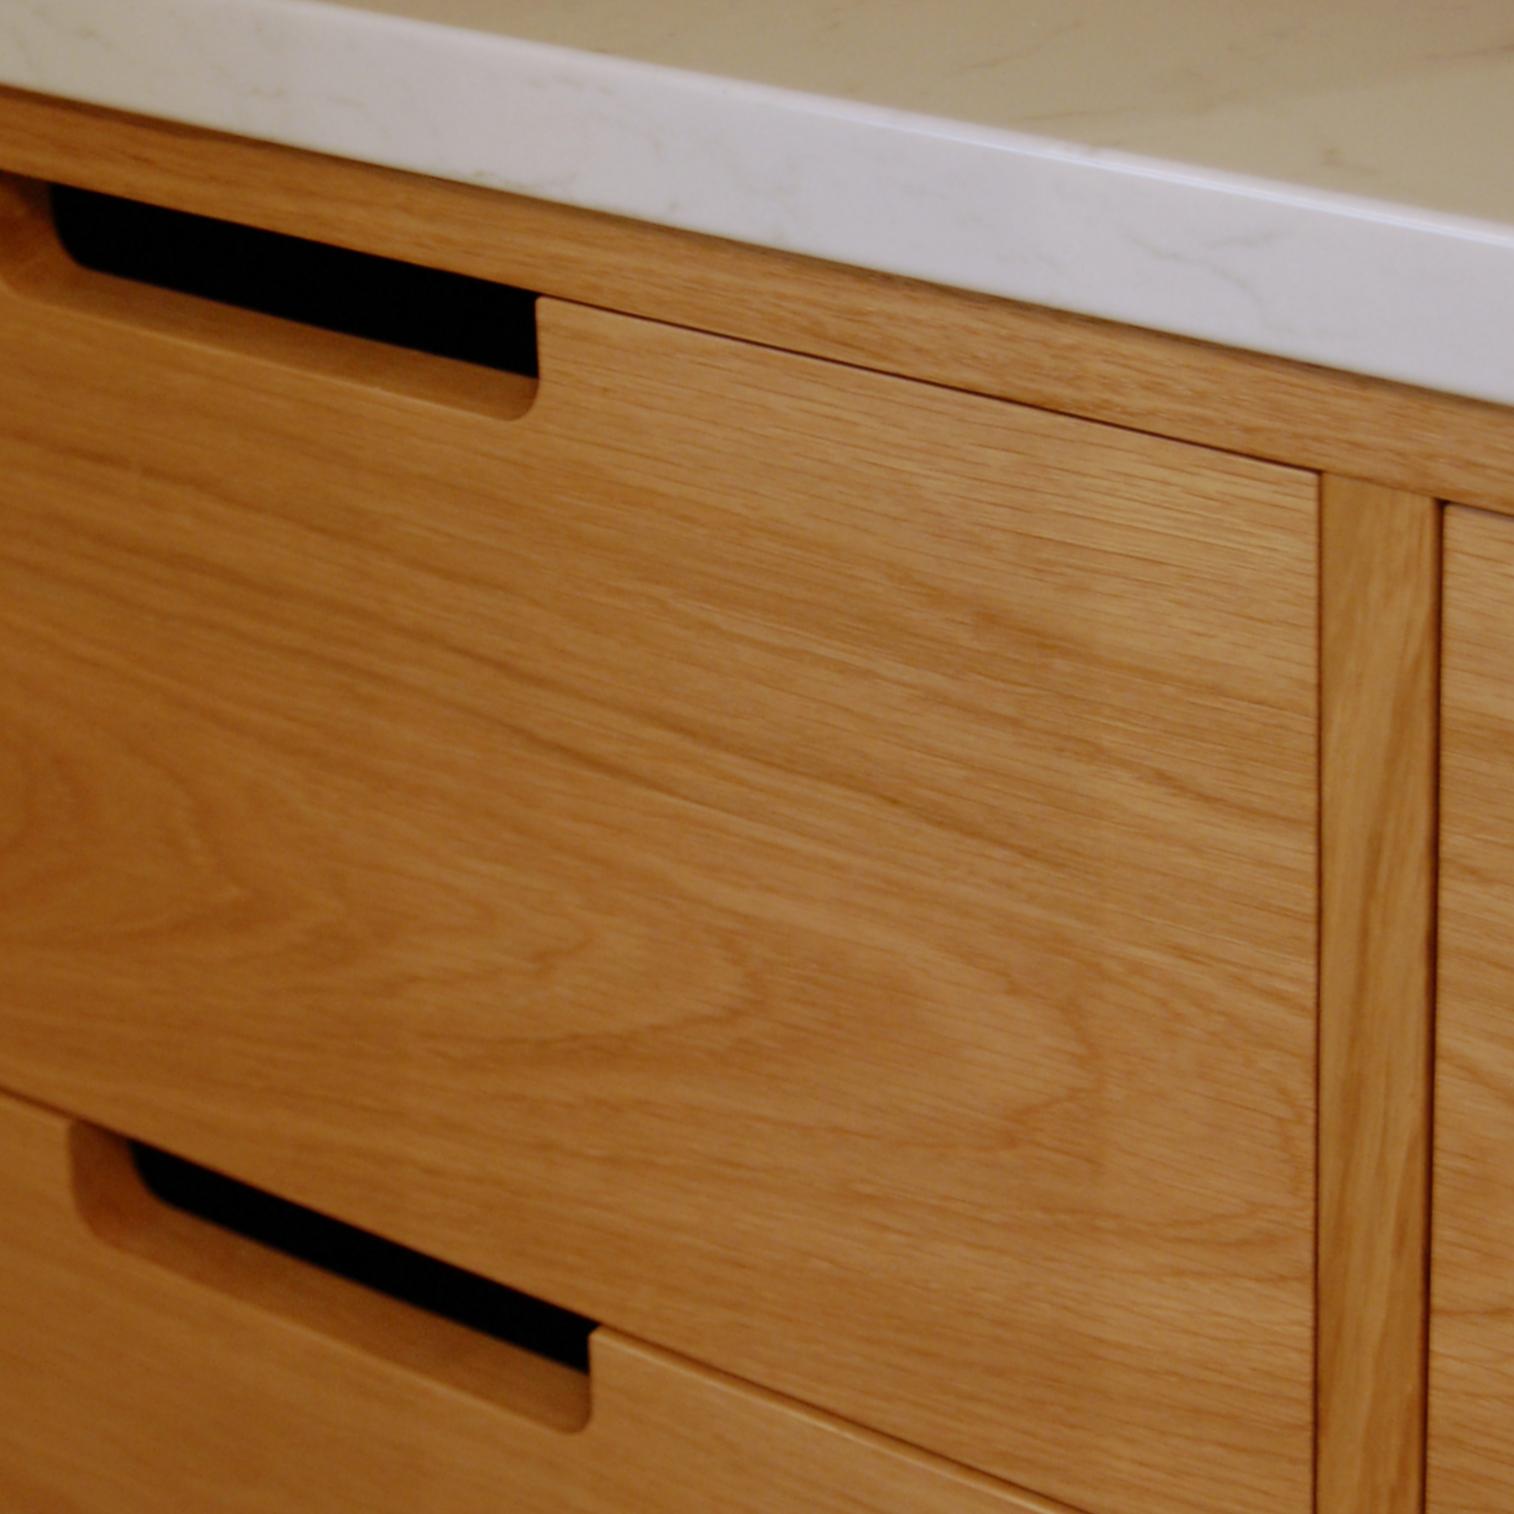 bespoke storage - larder drawers.png